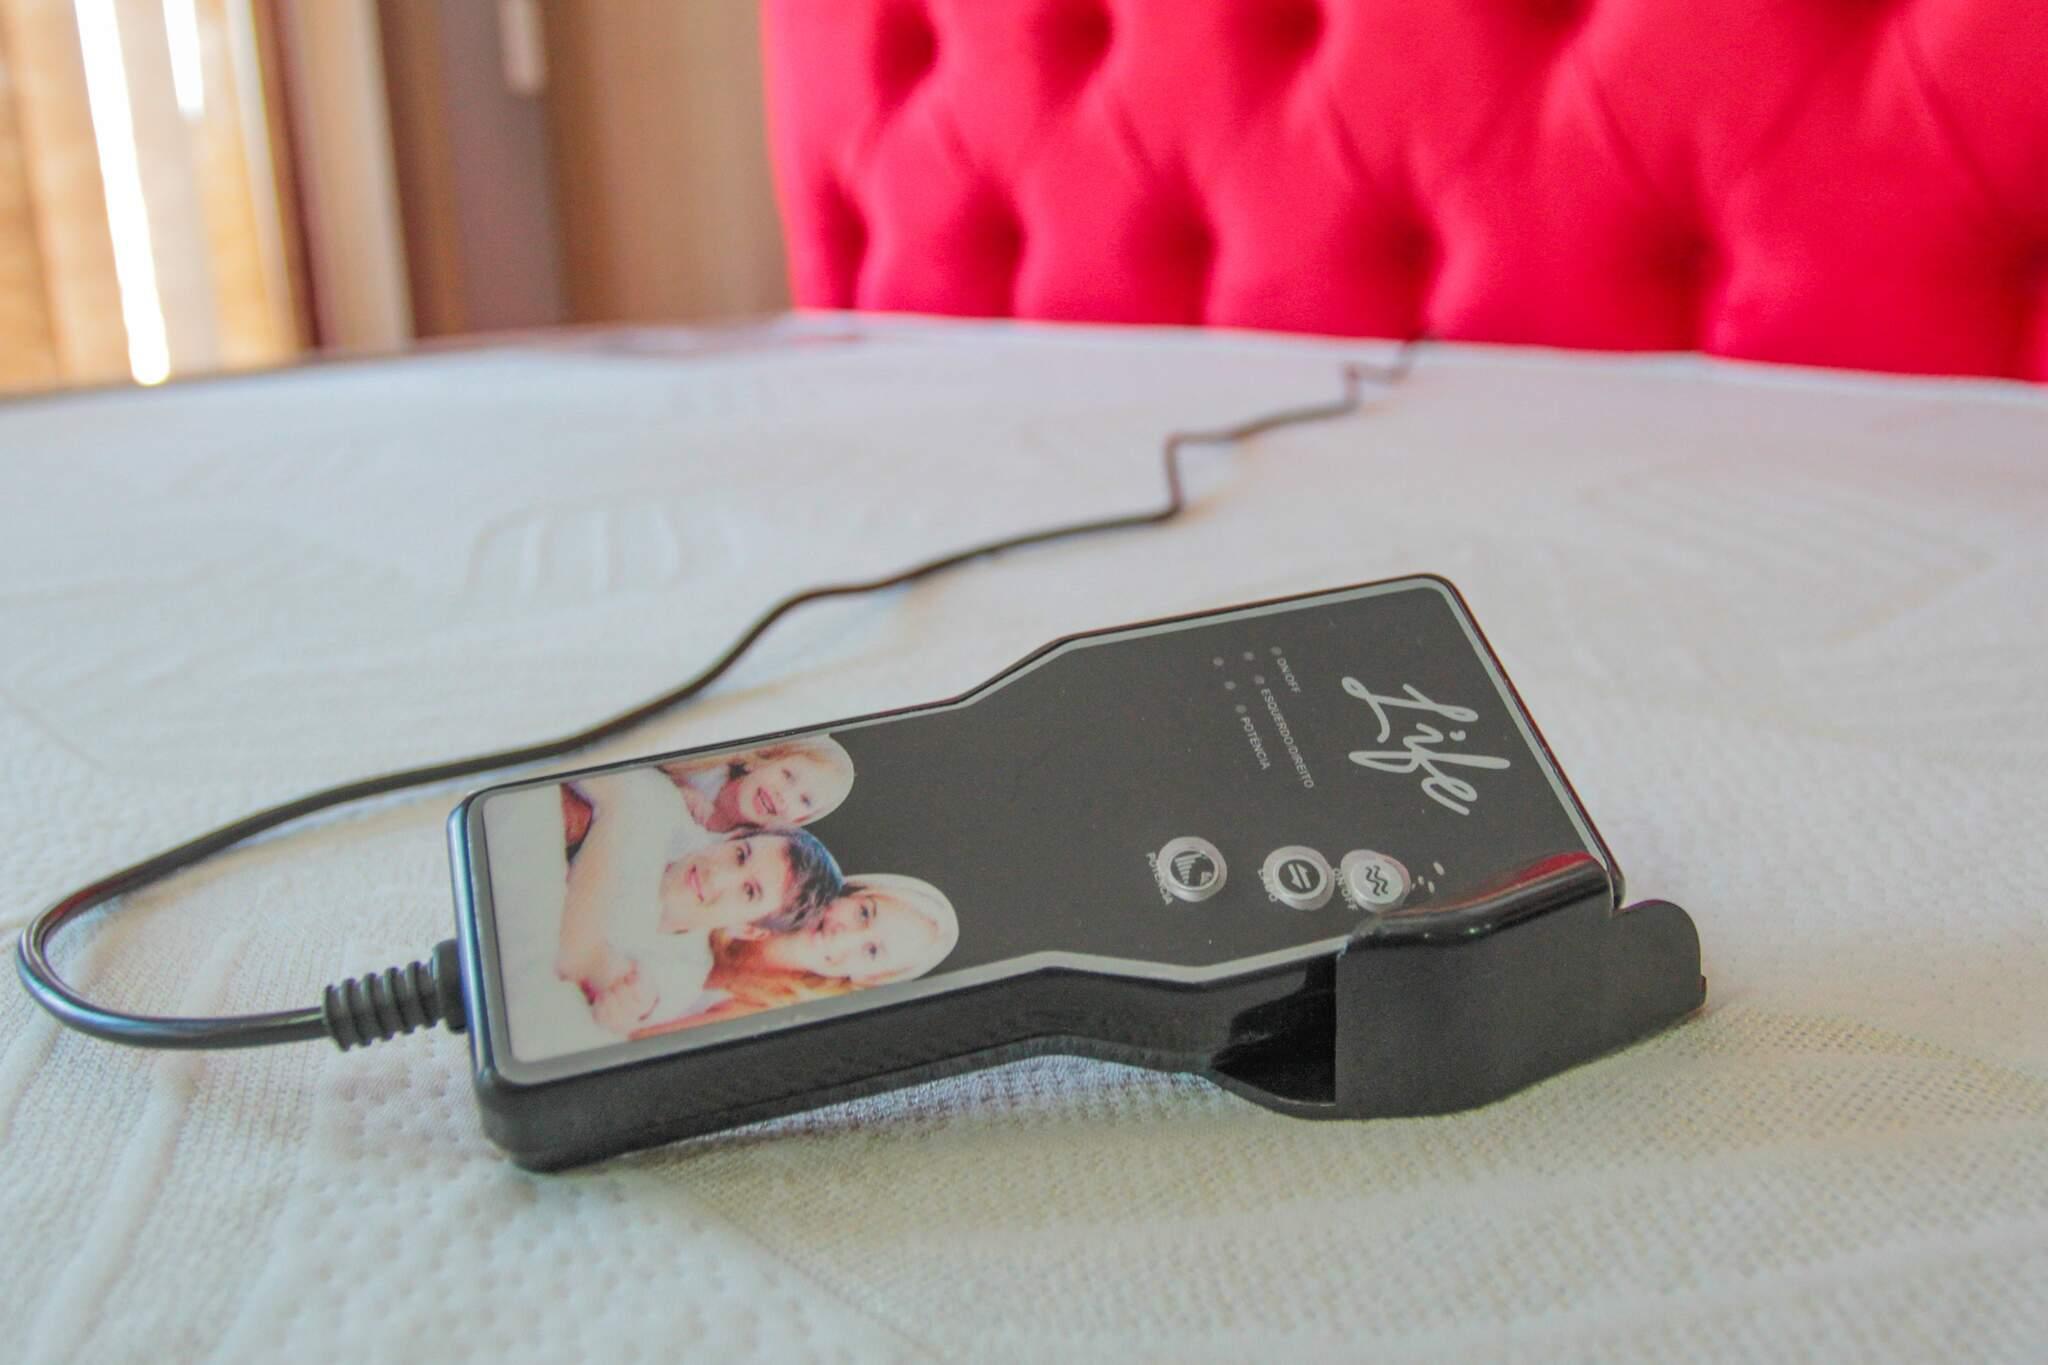 Massagem é acionada por controle remoto. (Foto: Marcos Maluf)